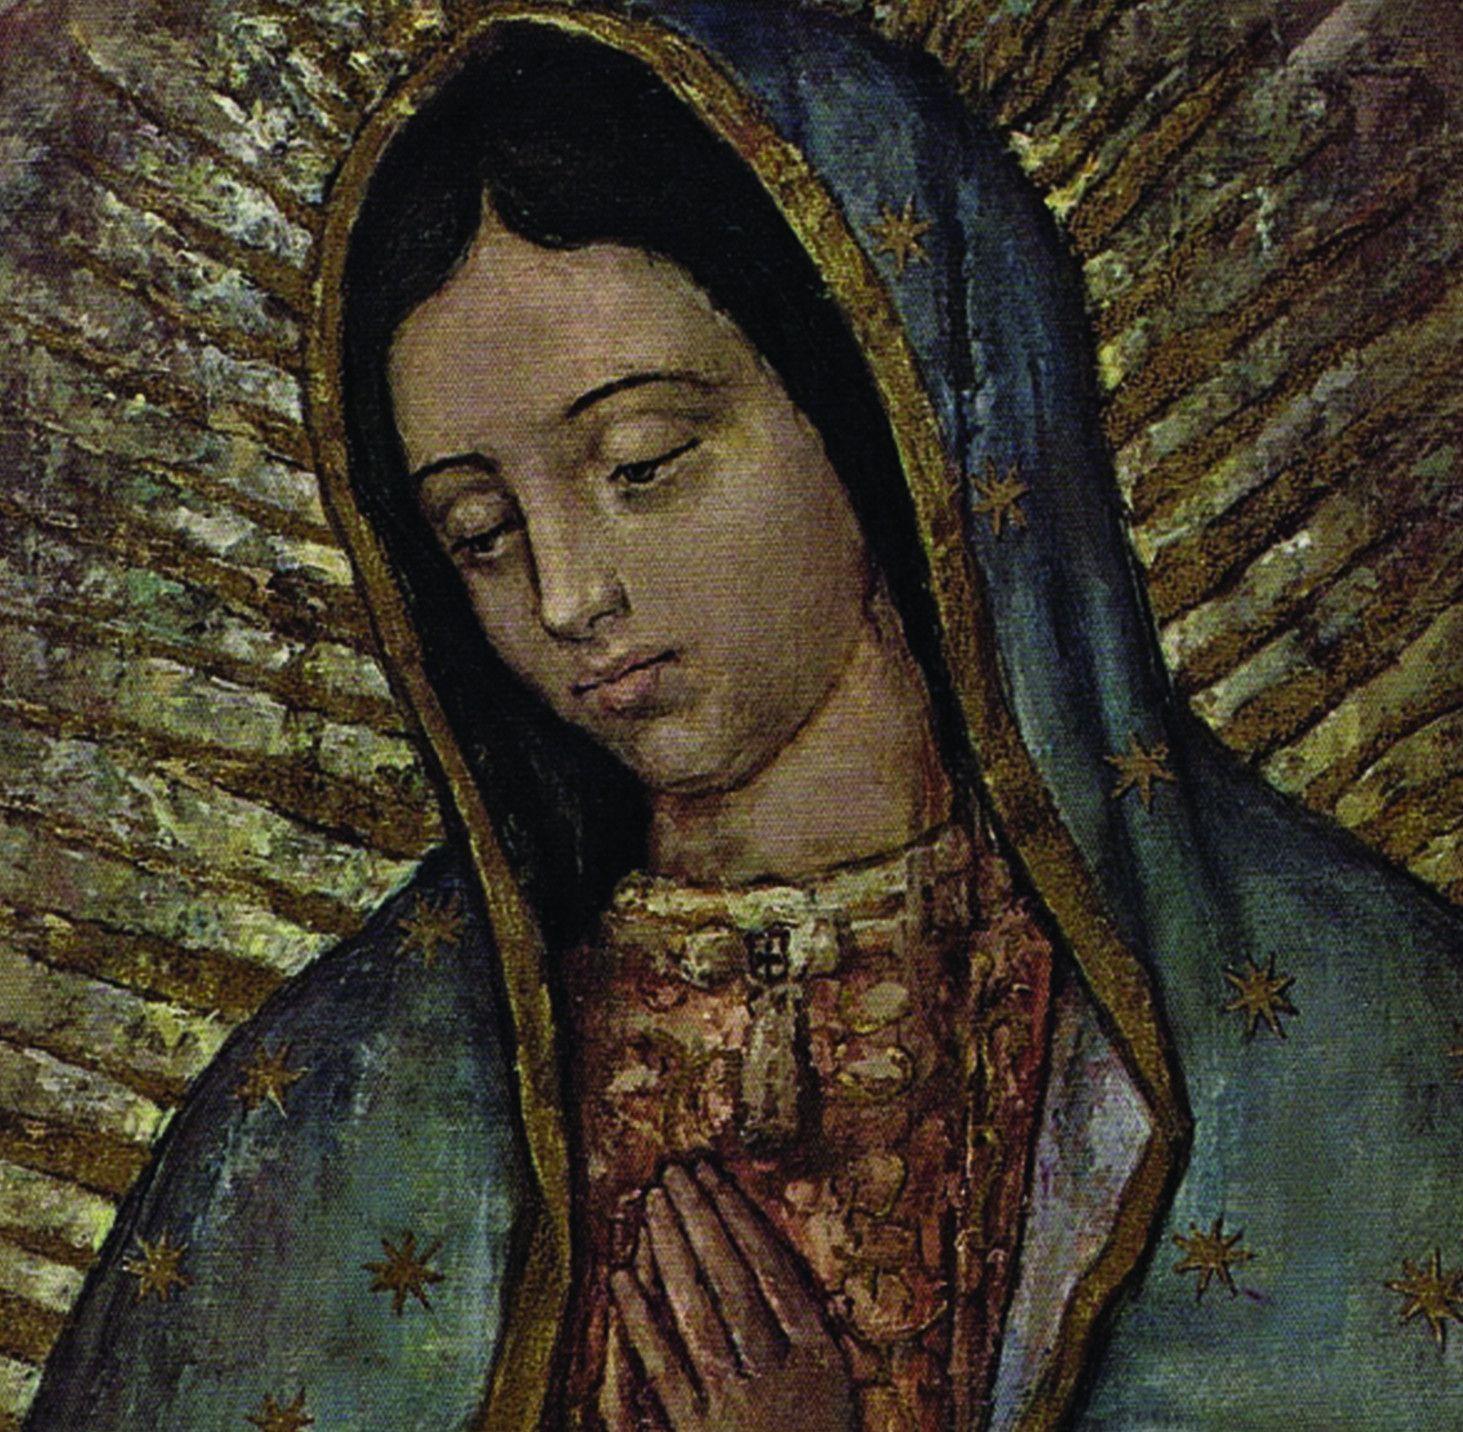 El milagro de los ojos de la Virgen de Guadalupe]